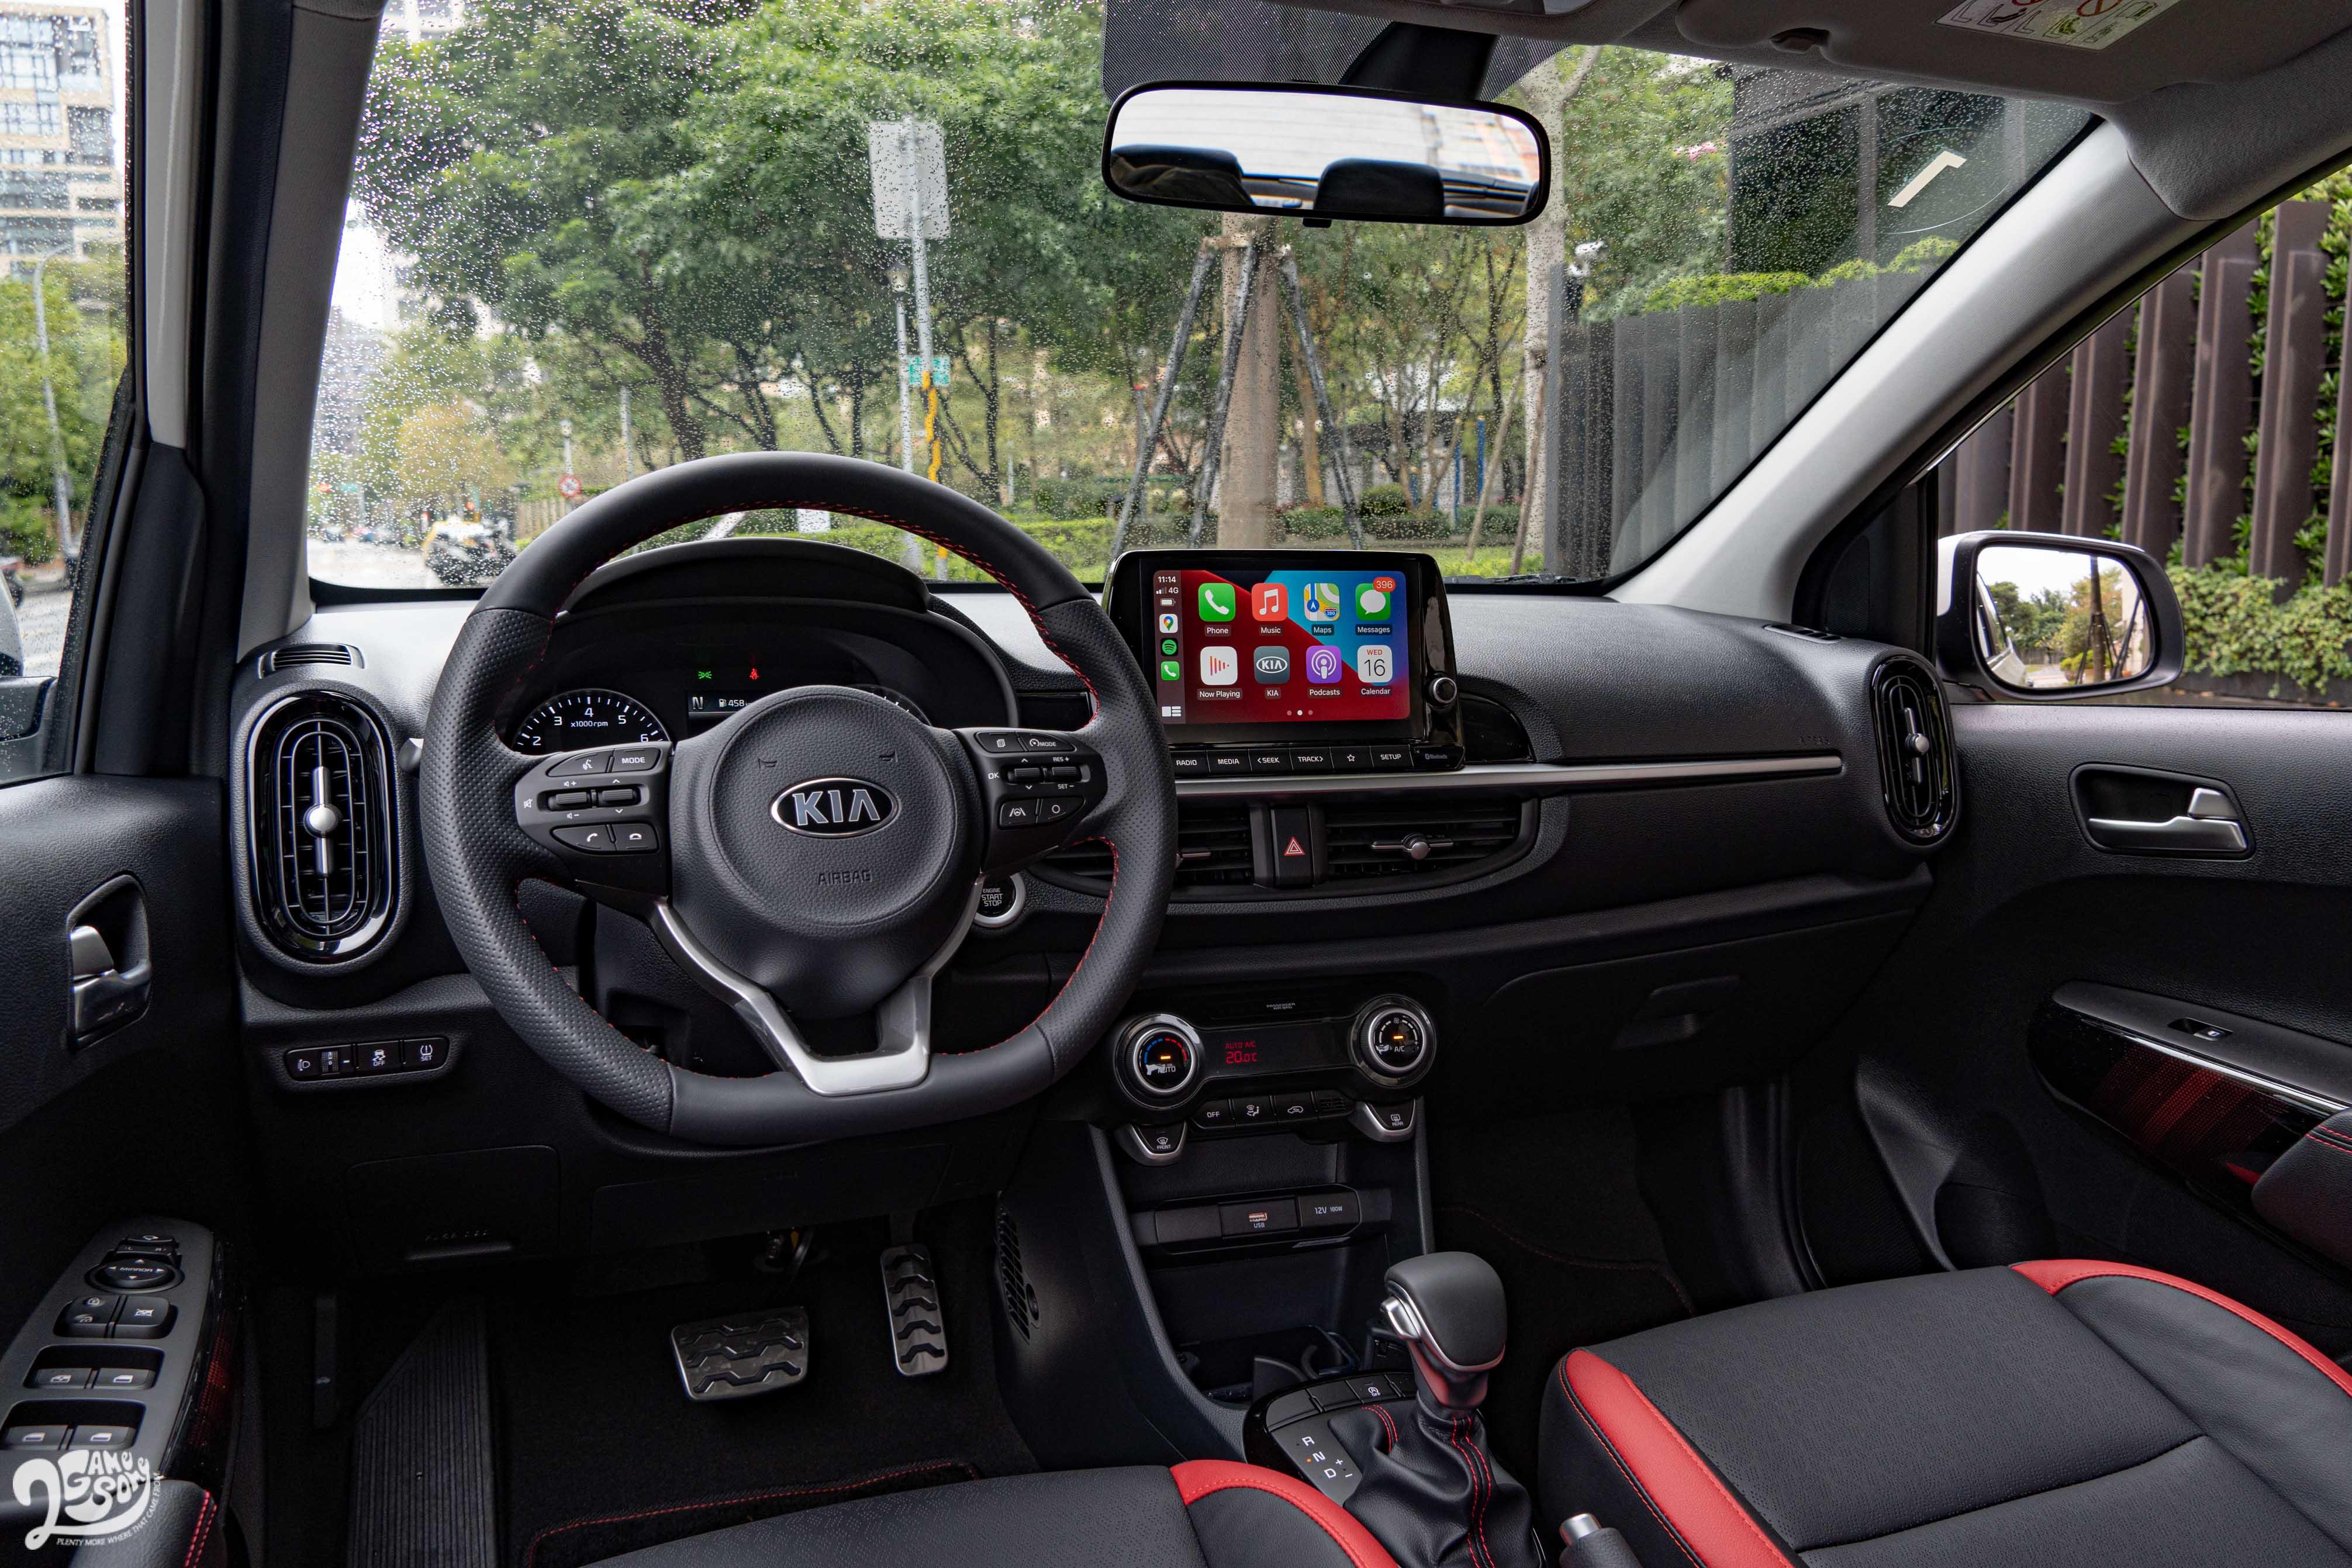 GT-Line 車型內裝採用黑紅配置,駕駛常觸碰到的皮質方向盤、透氣皮椅,乃至於空調旋鈕的軟質橡膠環,都不會給人廉價感。